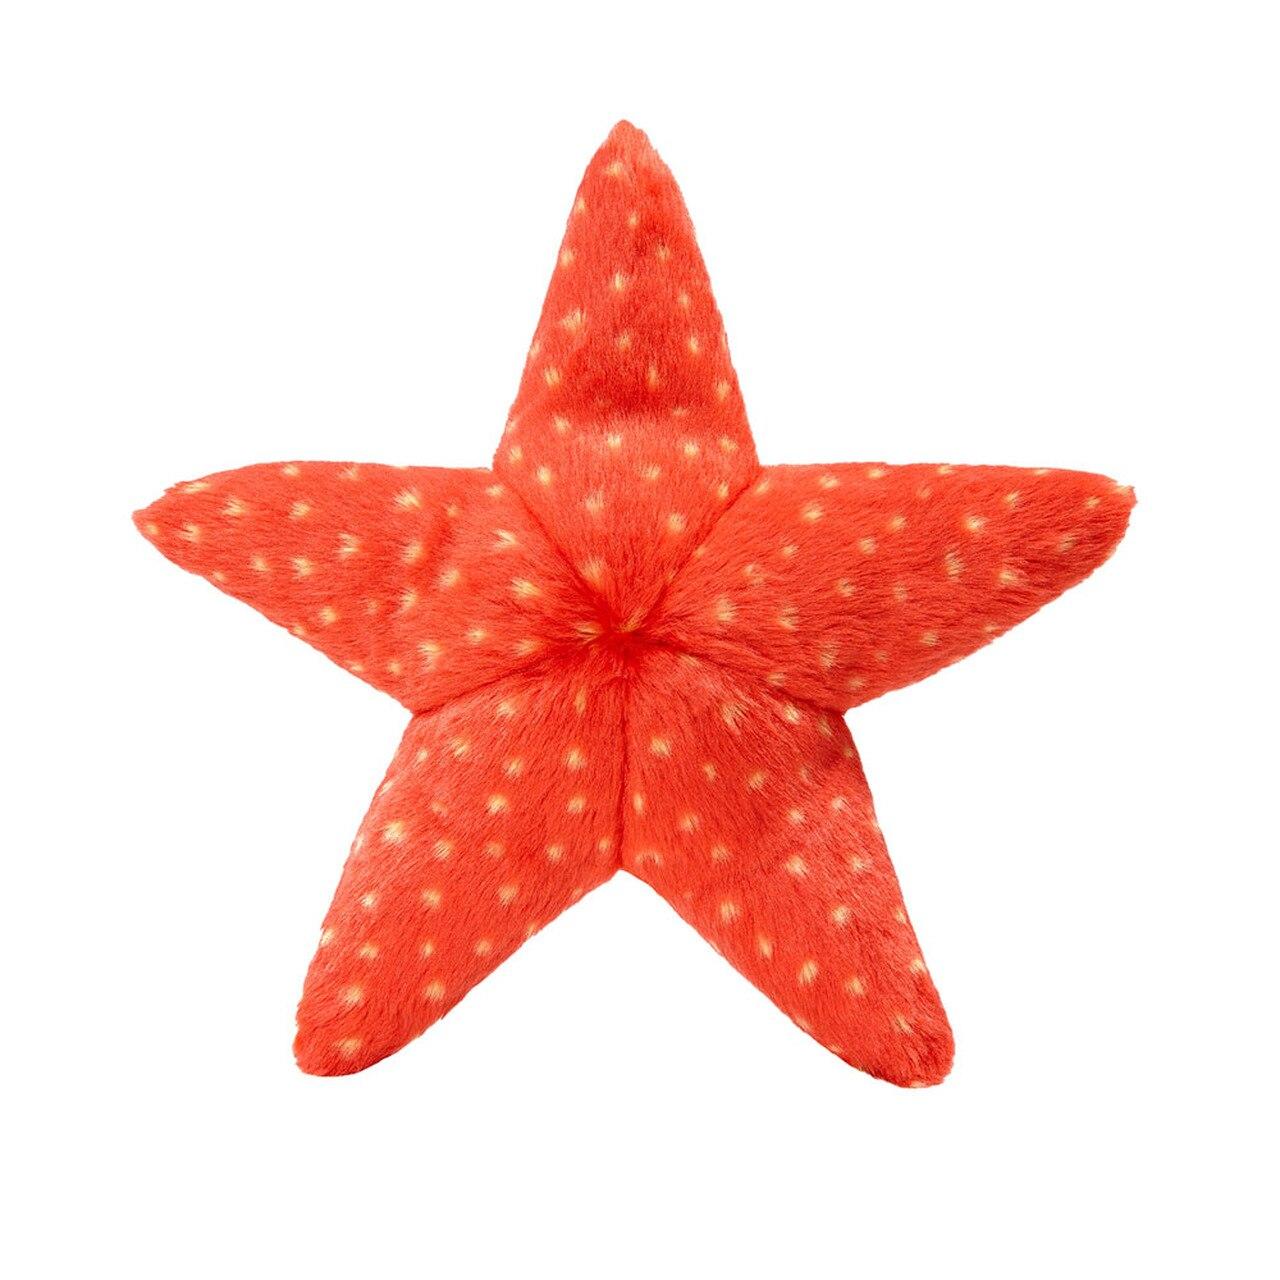 Fluff & Tuff Ziggy the Starfish Dog Toy, Medium